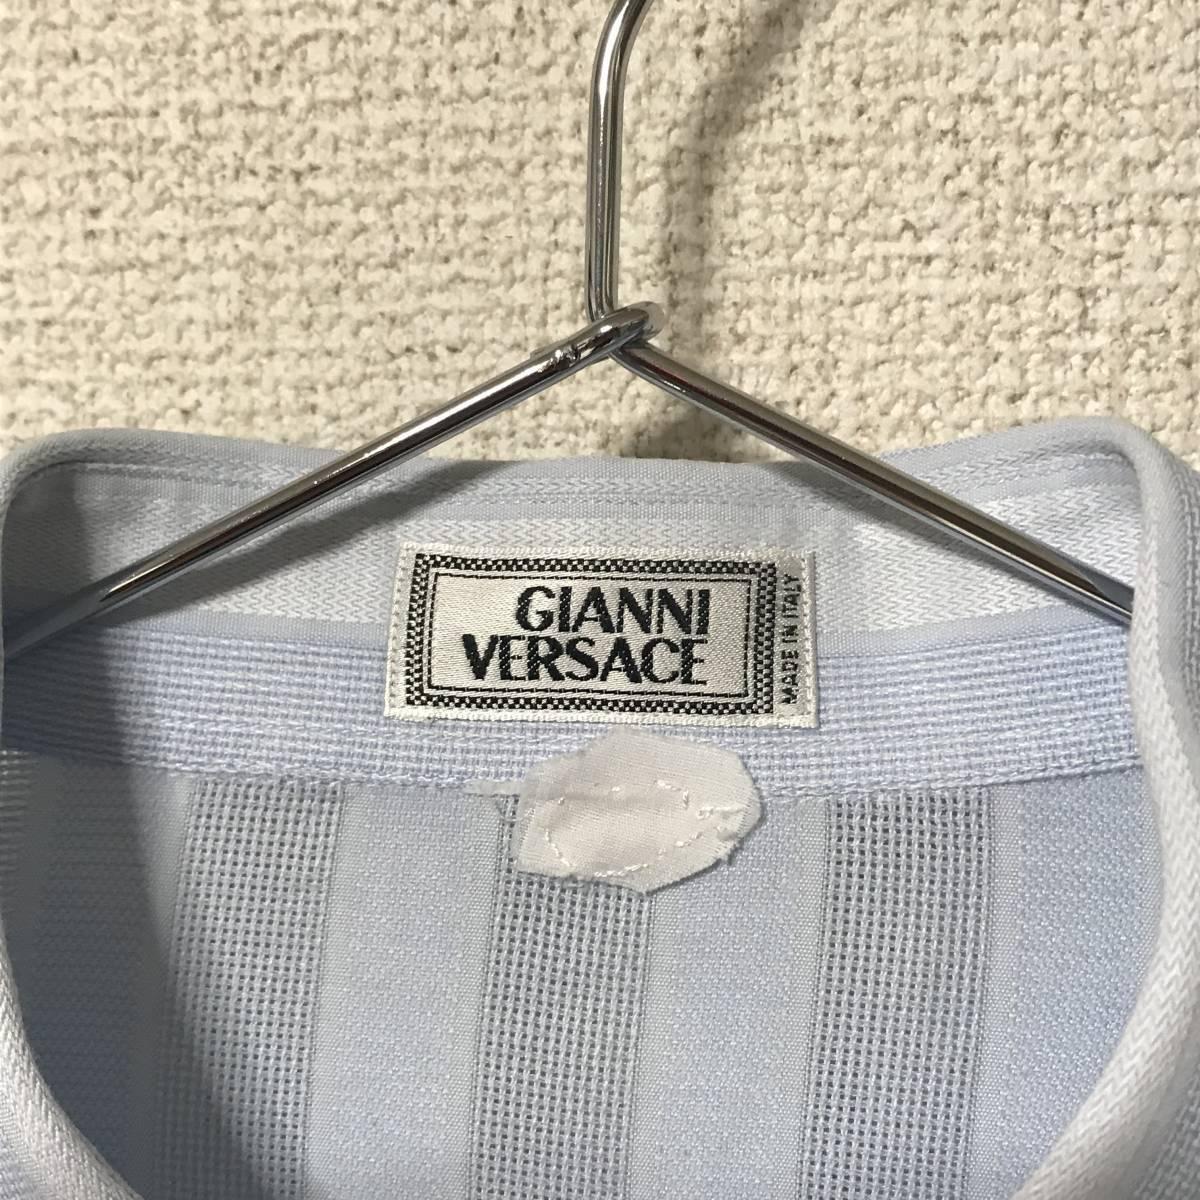 ★Gianni Versace/ヴェルサーチ★メンズ ストライプ柄 長袖 シャツ レギュラーカラー ブロード 水色 ライトブルー ドレスシャツ ワイシャツ_画像8